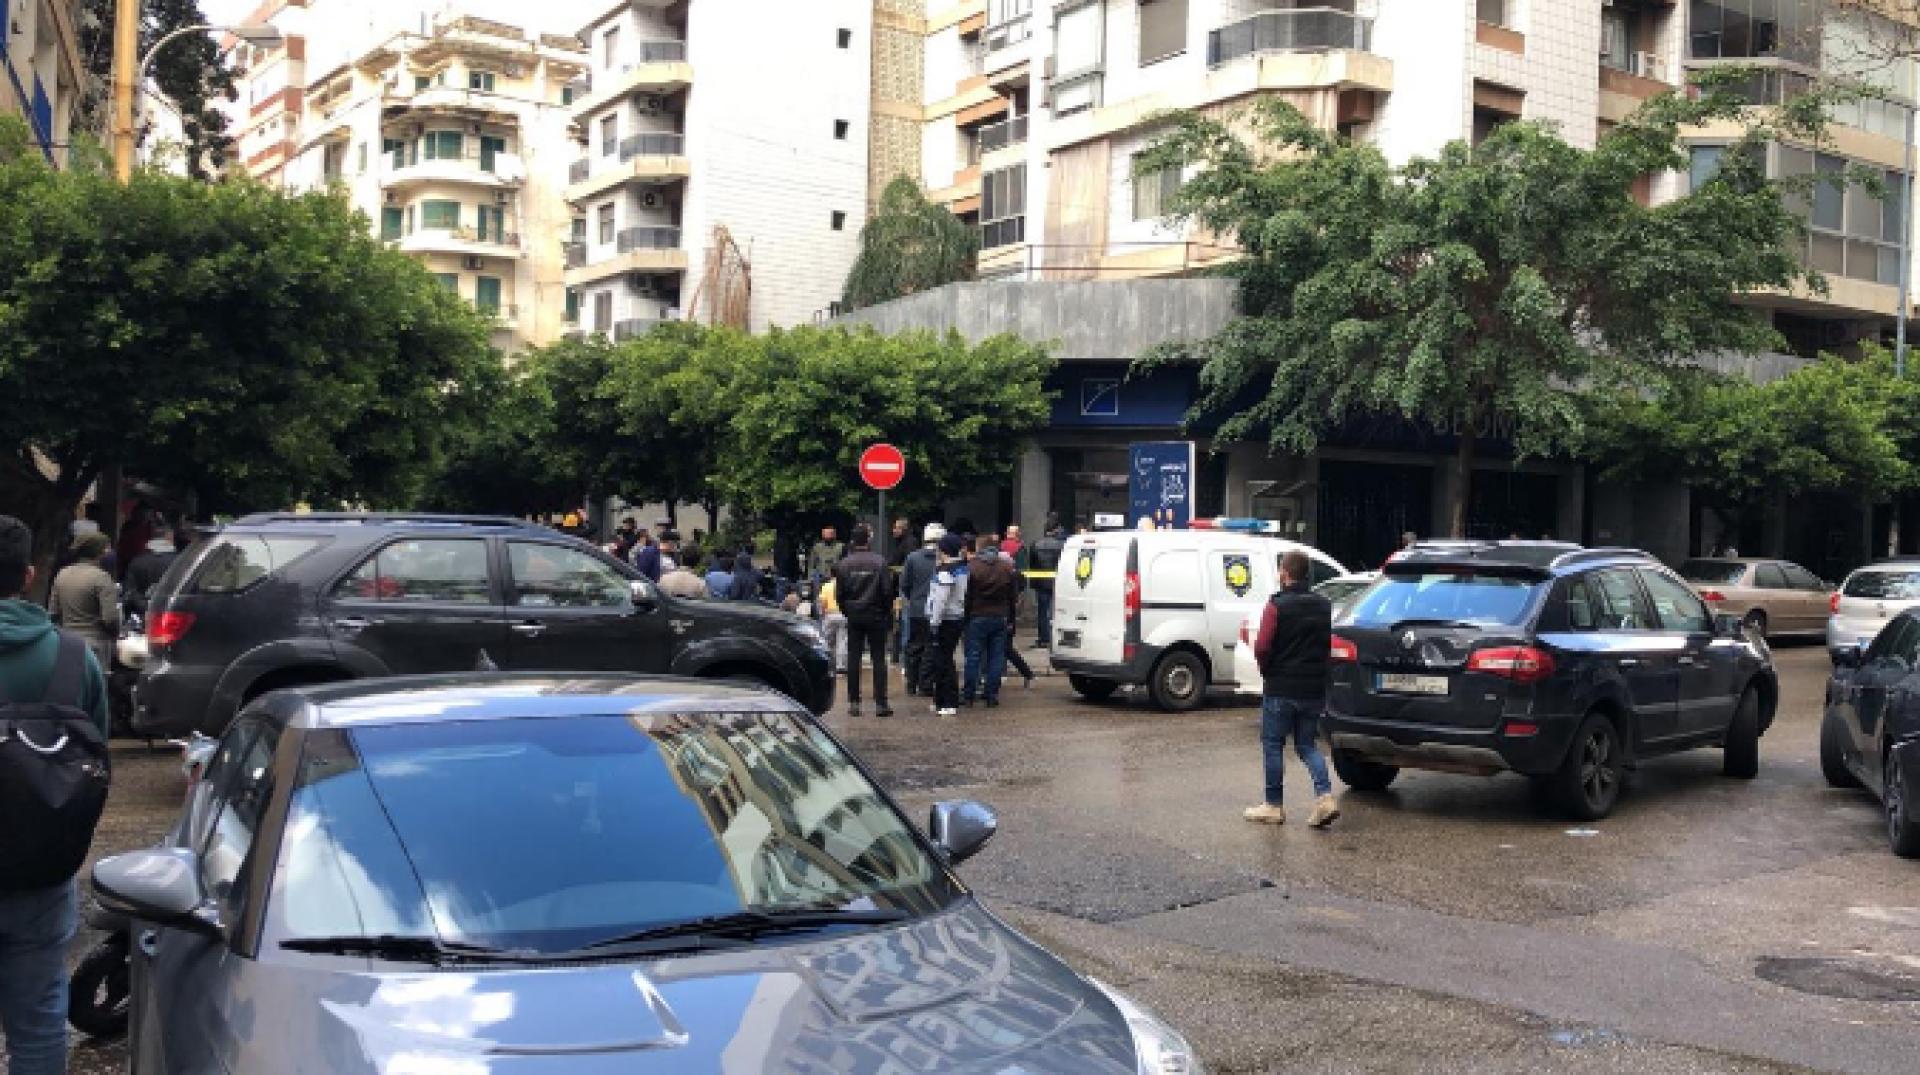 تفاصيل جديدة عن جريمة قتل الامرأة الأثيوبية التي وجدت مقطعة في بيروت - النهضة نيوز